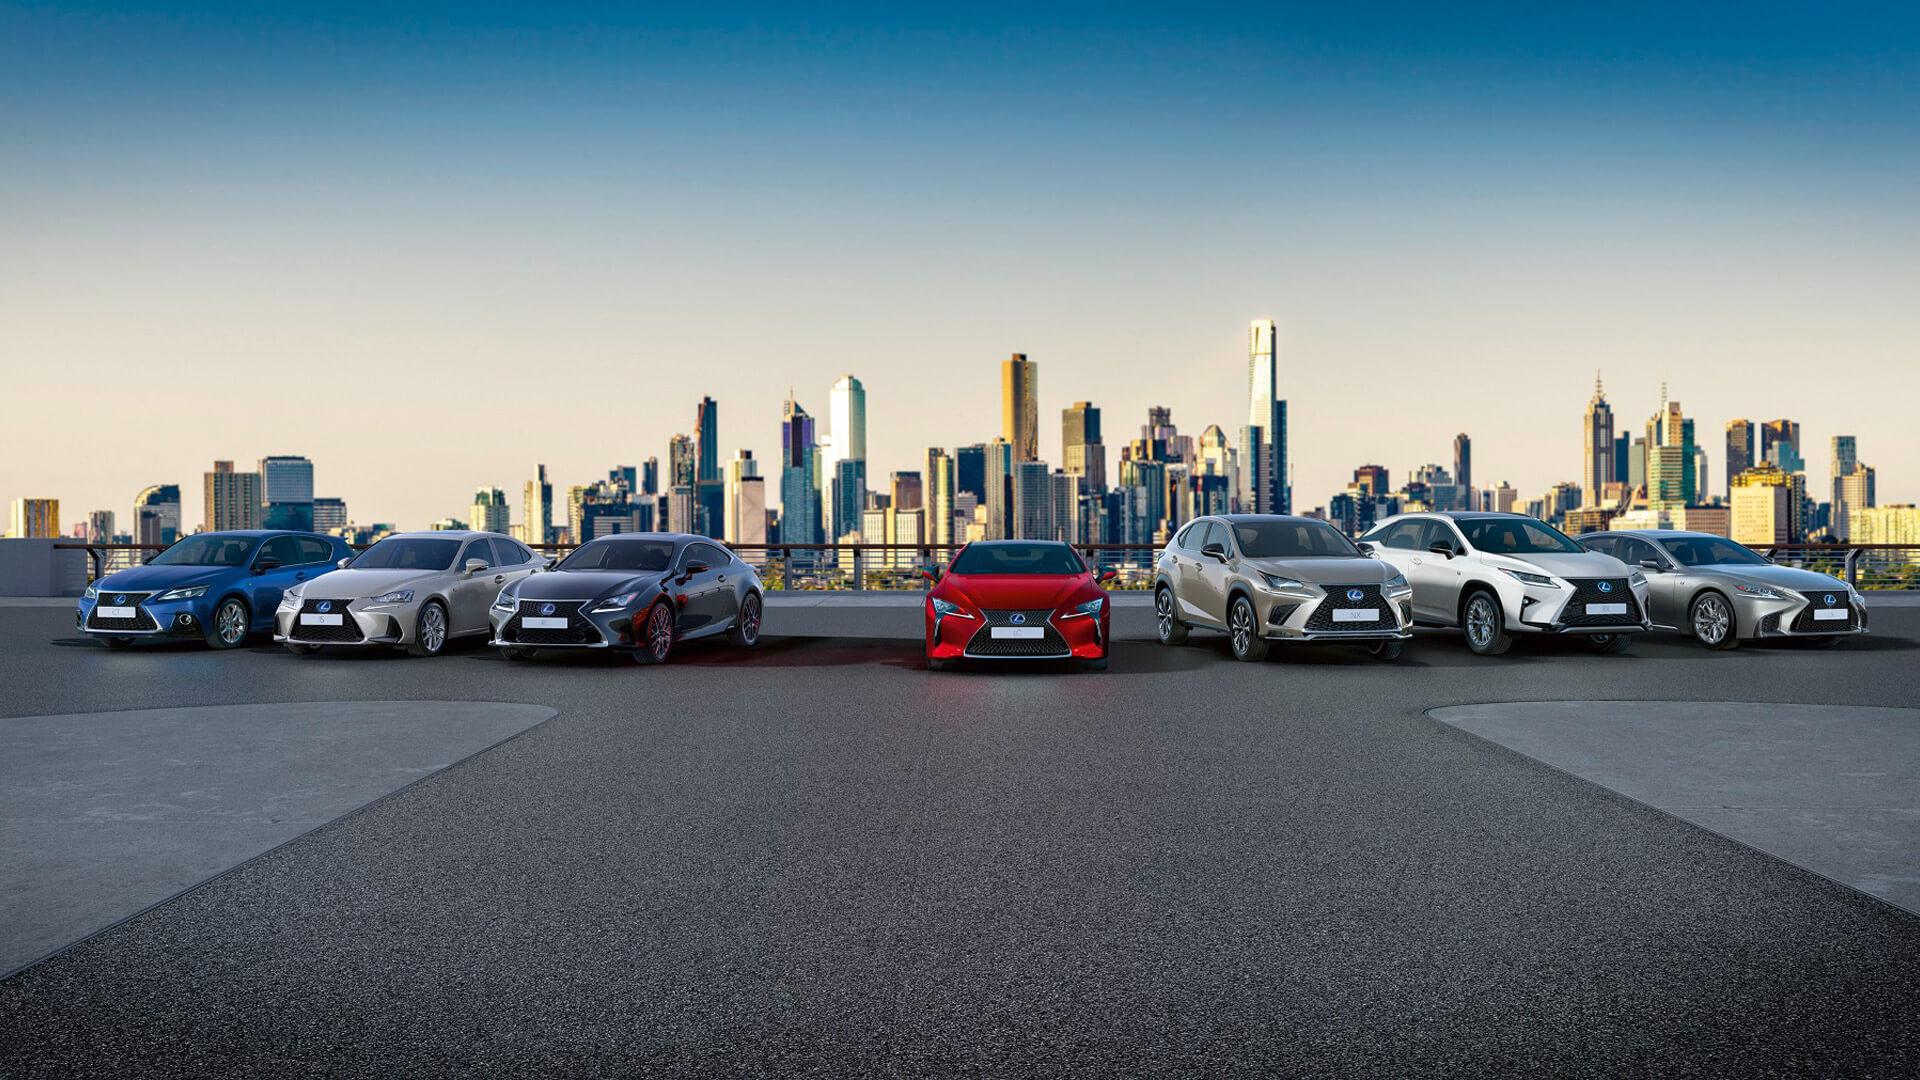 Lexus 8 Yil Üst Üste En Sorunsuz Otomobil Markasi Seçildi gallery01